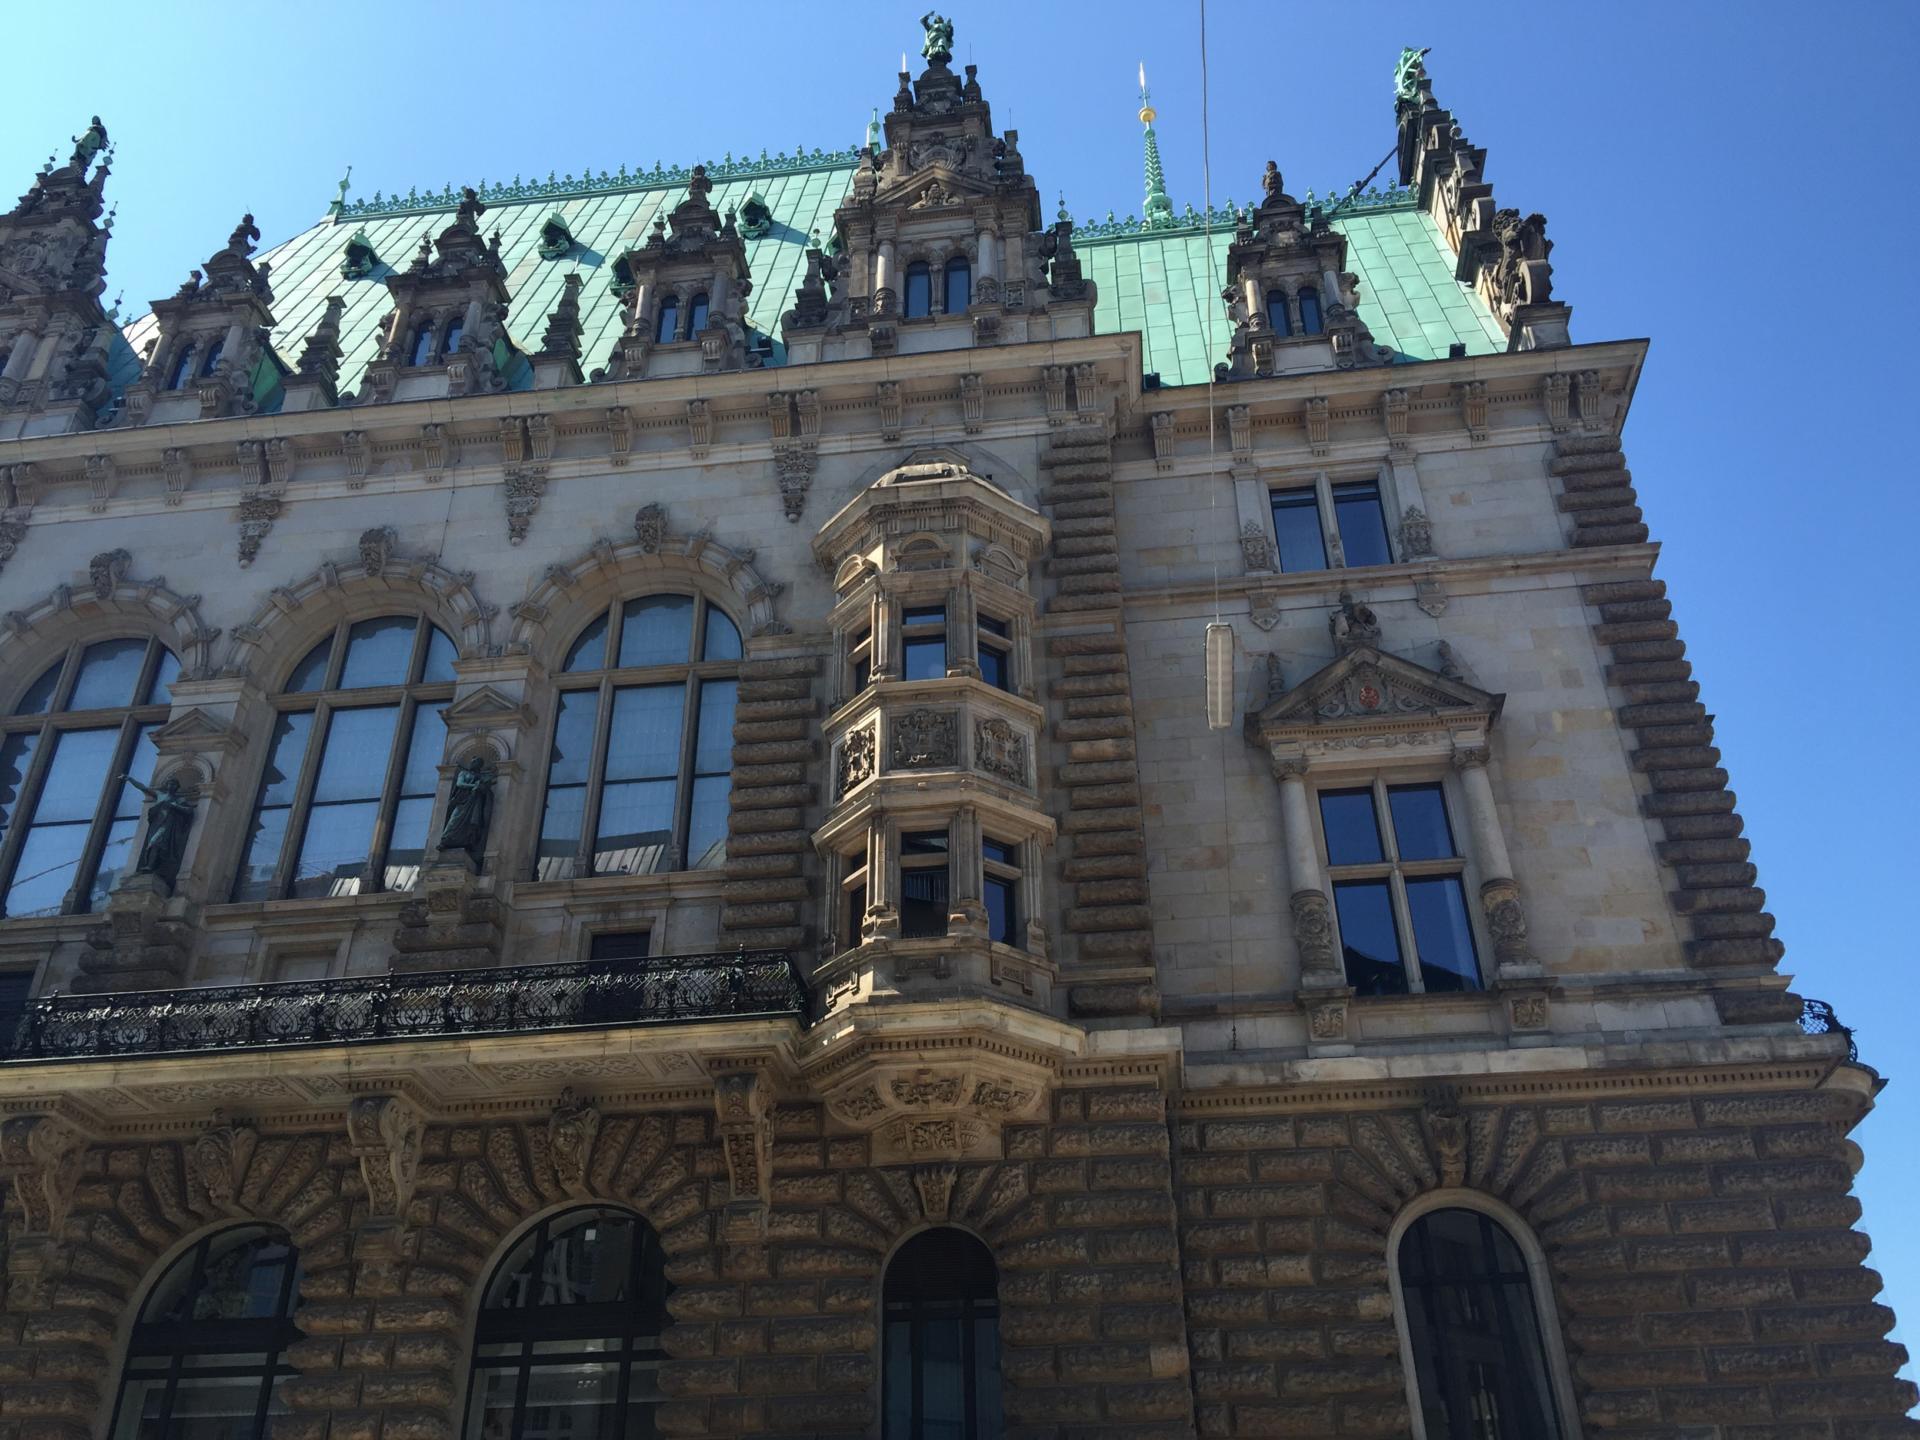 Rathausmarkt, Hamburg